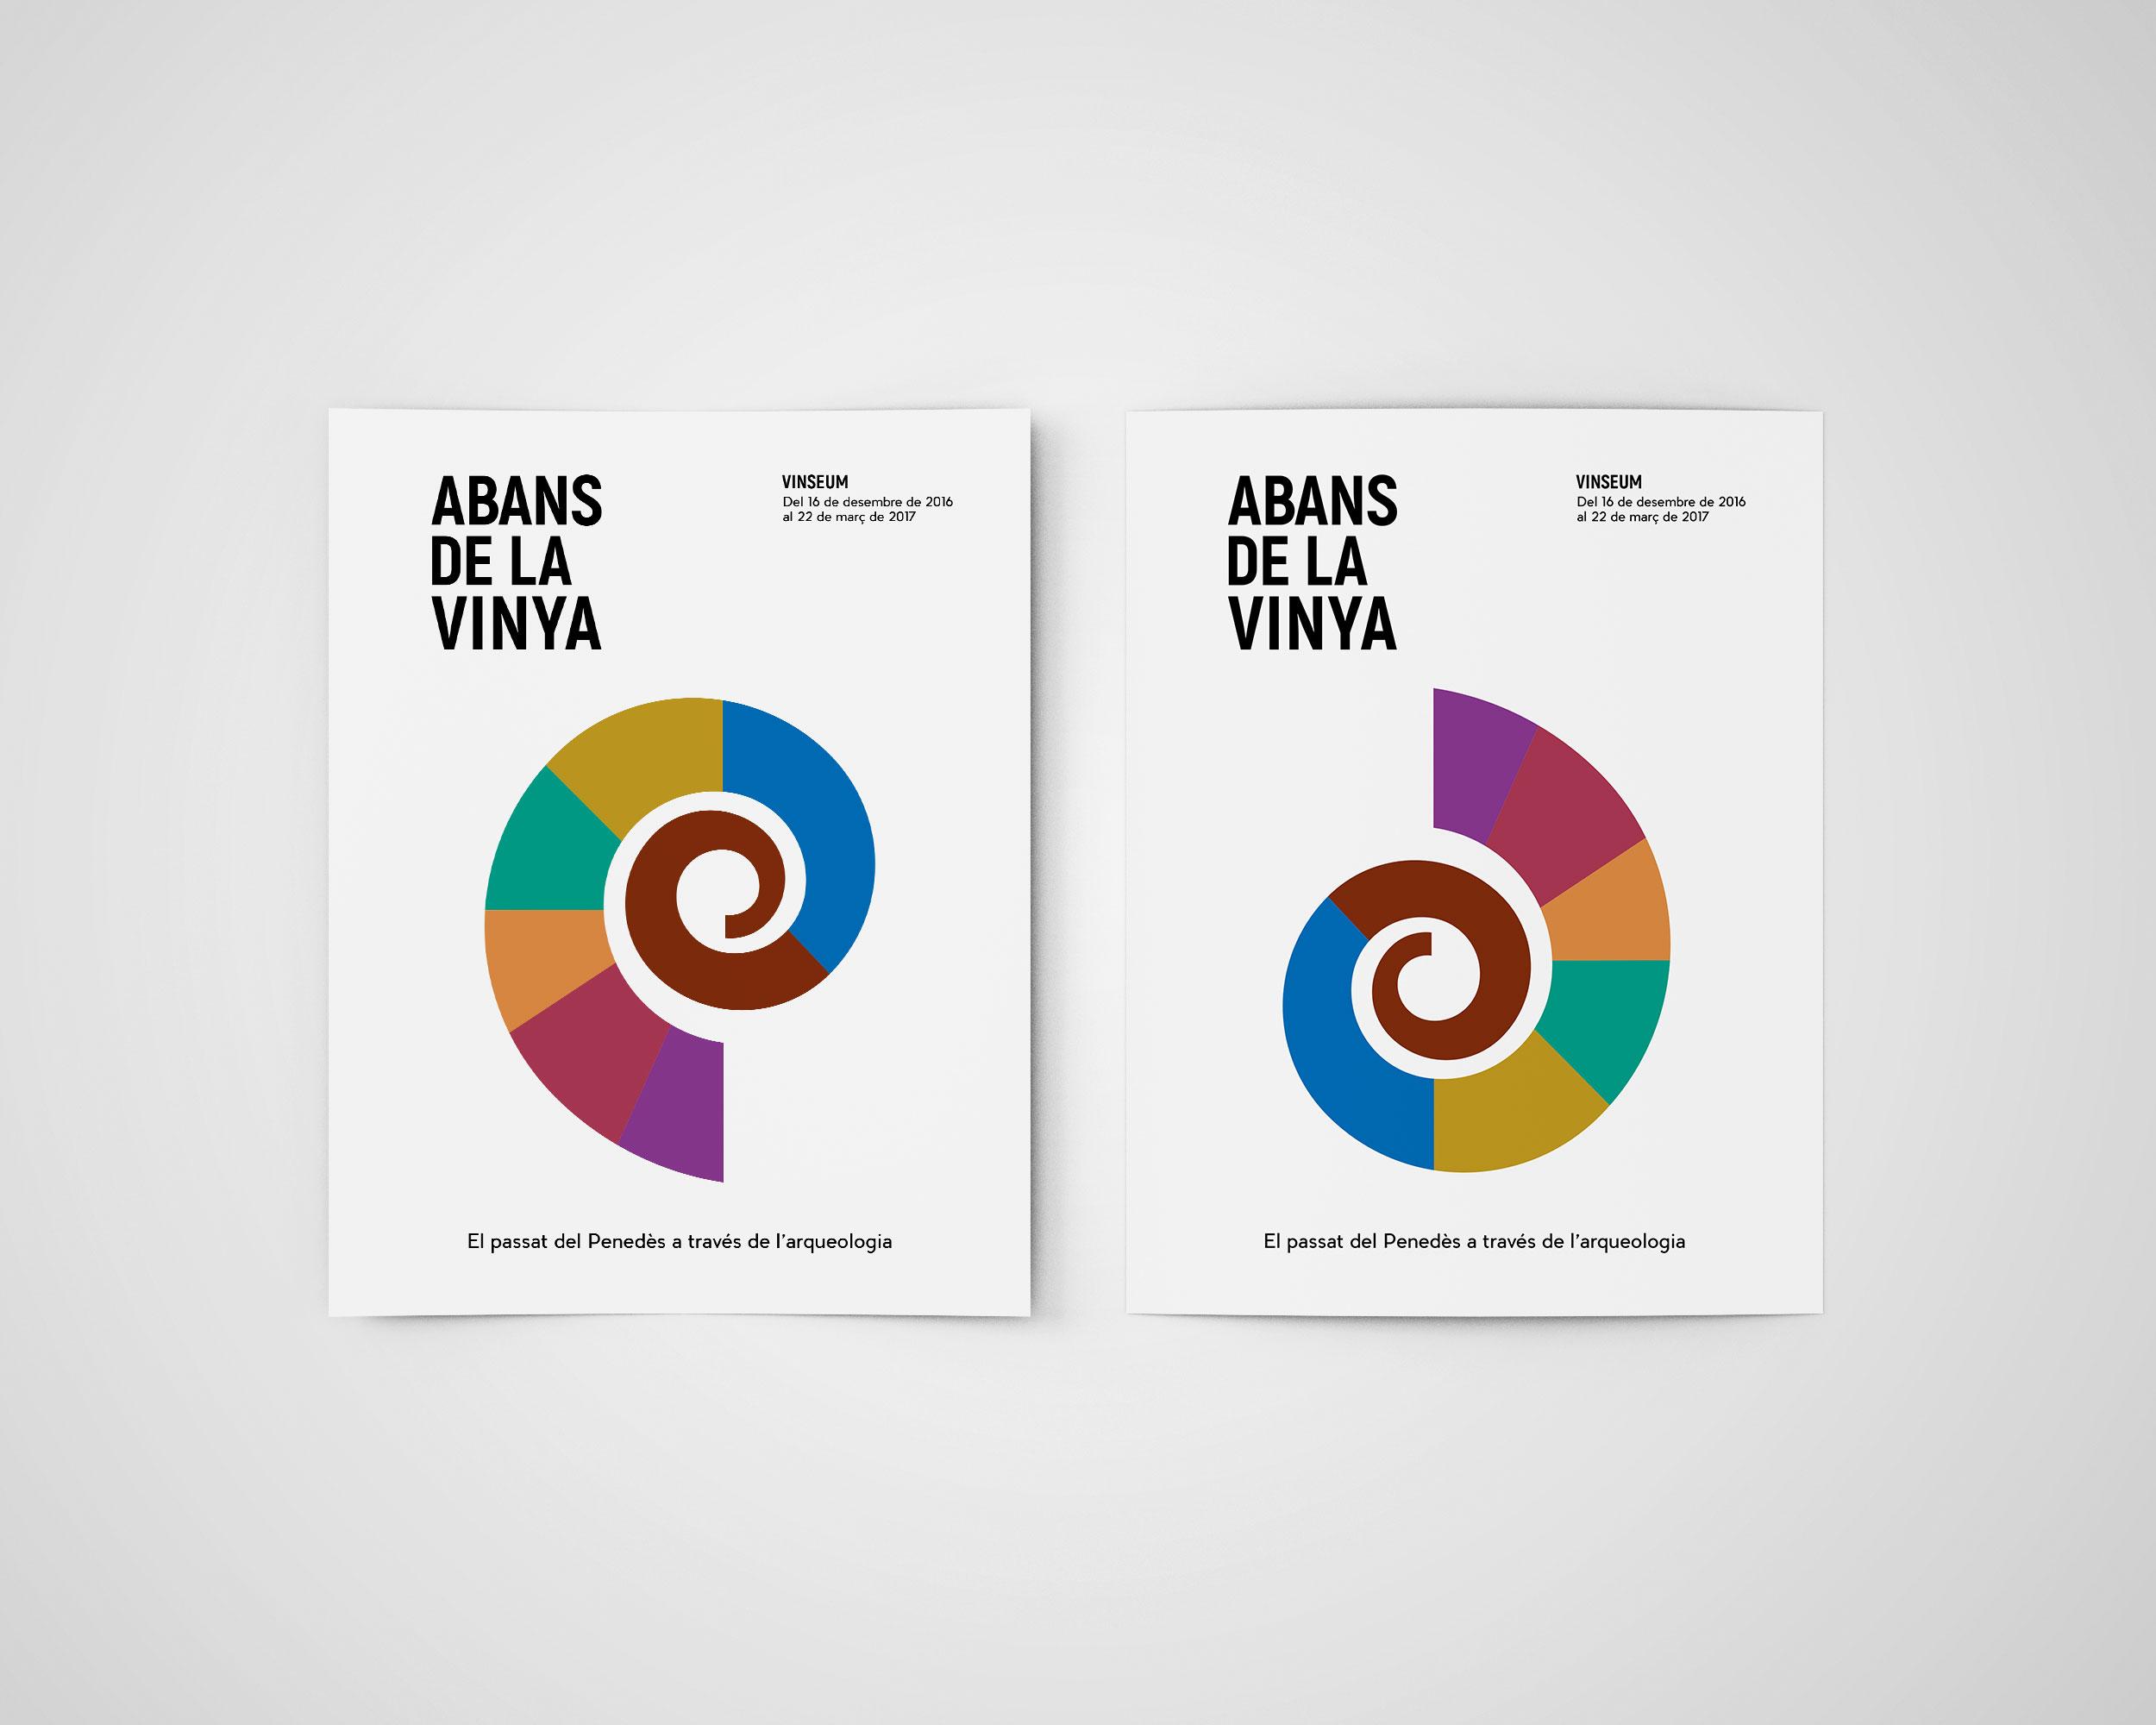 Abans-de-la-vinya-exposicio-vinseum-disculpi-studio-angels-pinyol-vilafranca-del-penedes-disseny-grafic